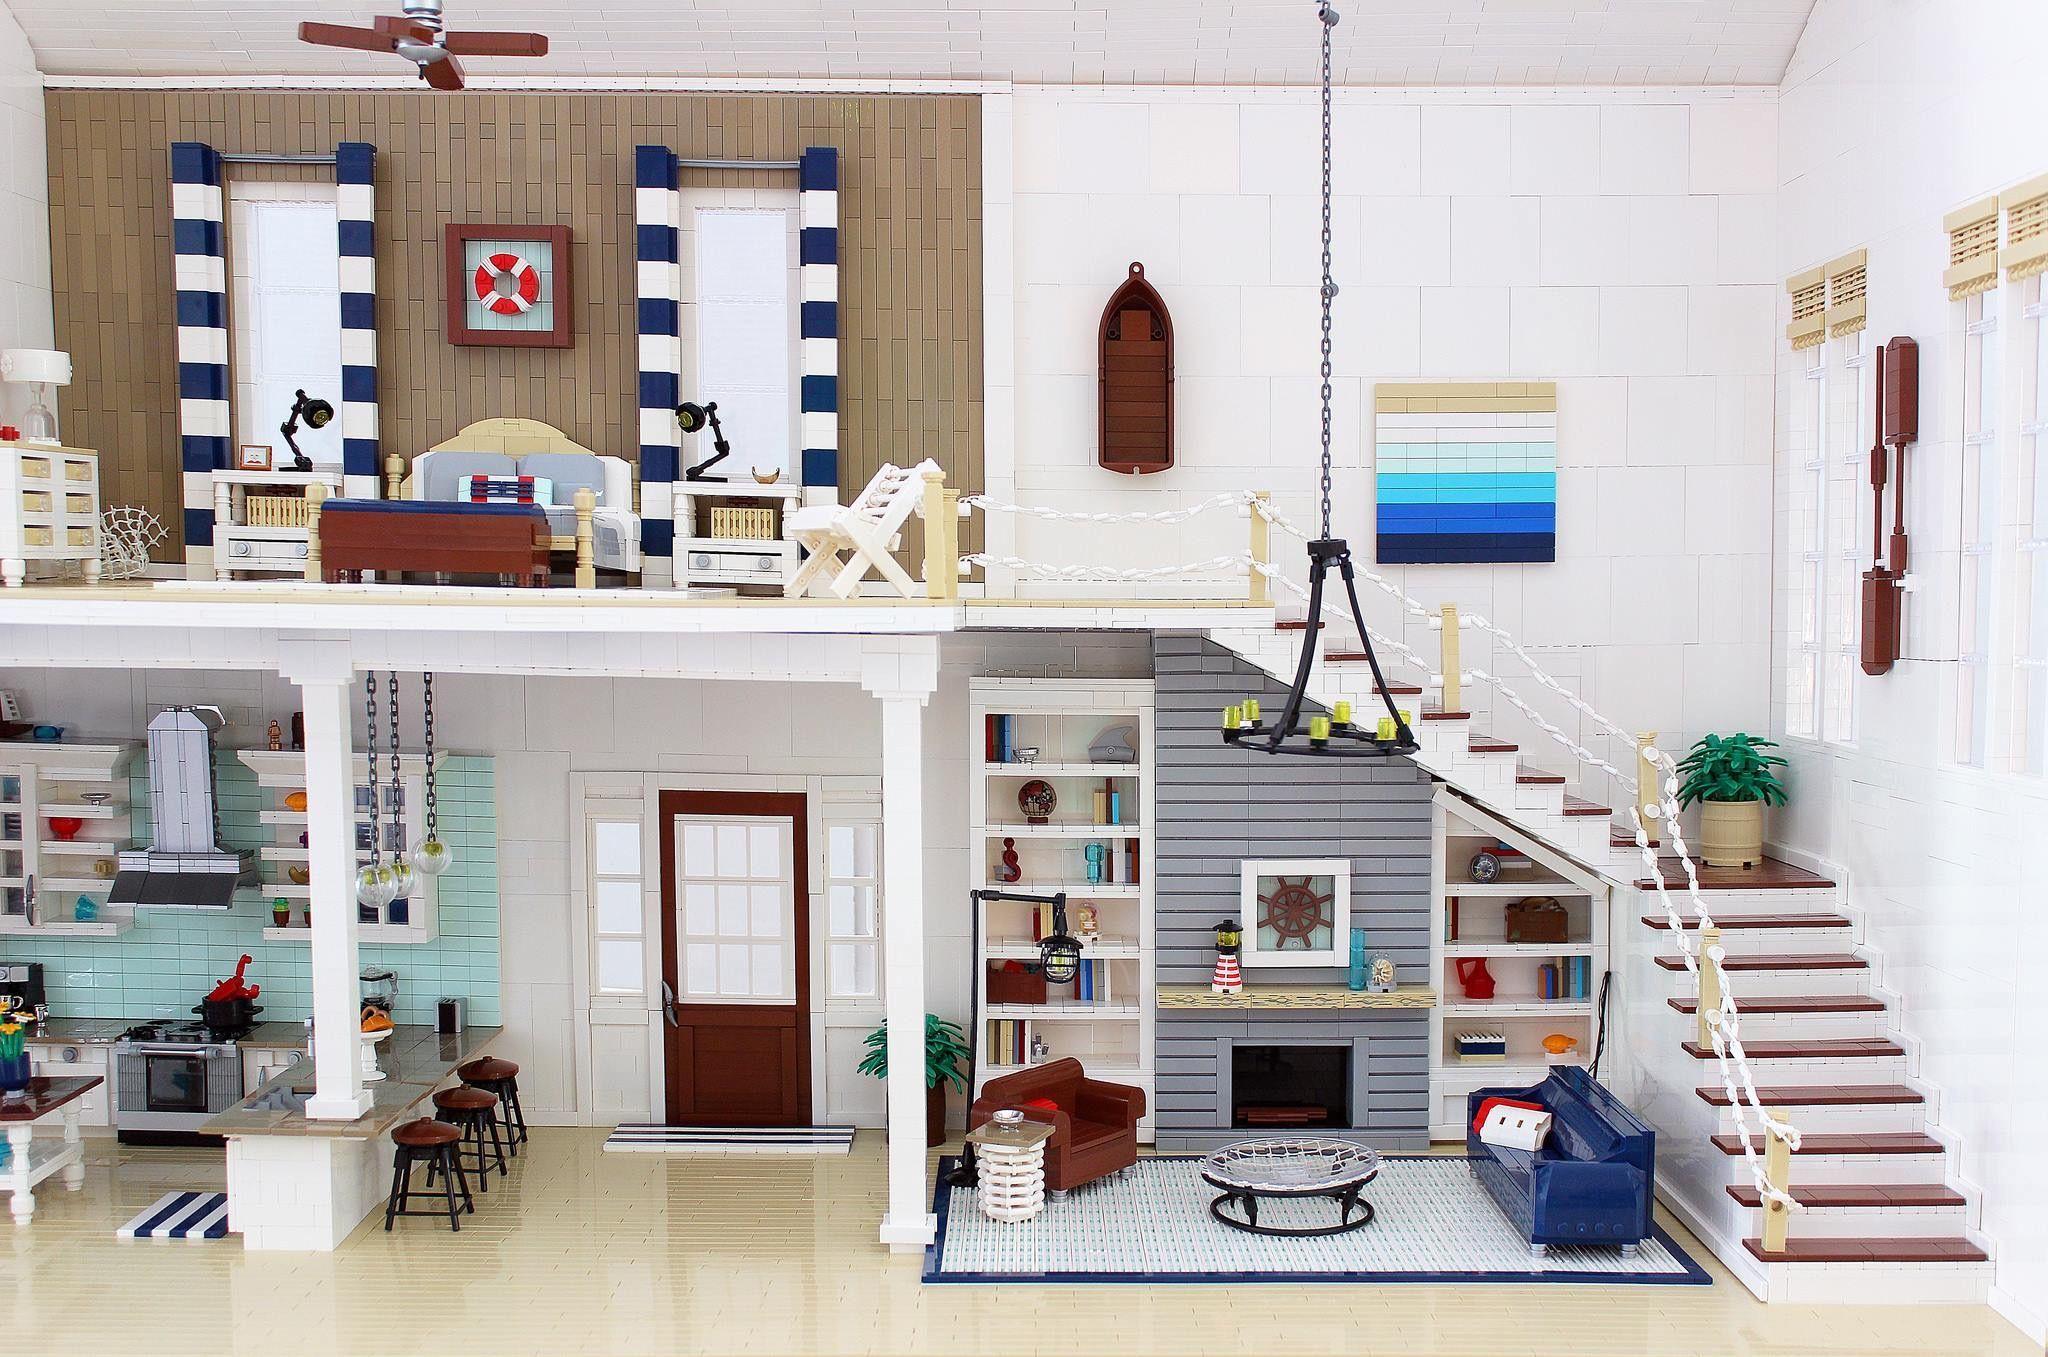 legoarchitecture | Lego | Pinterest | Lego, Legos and Lego creations